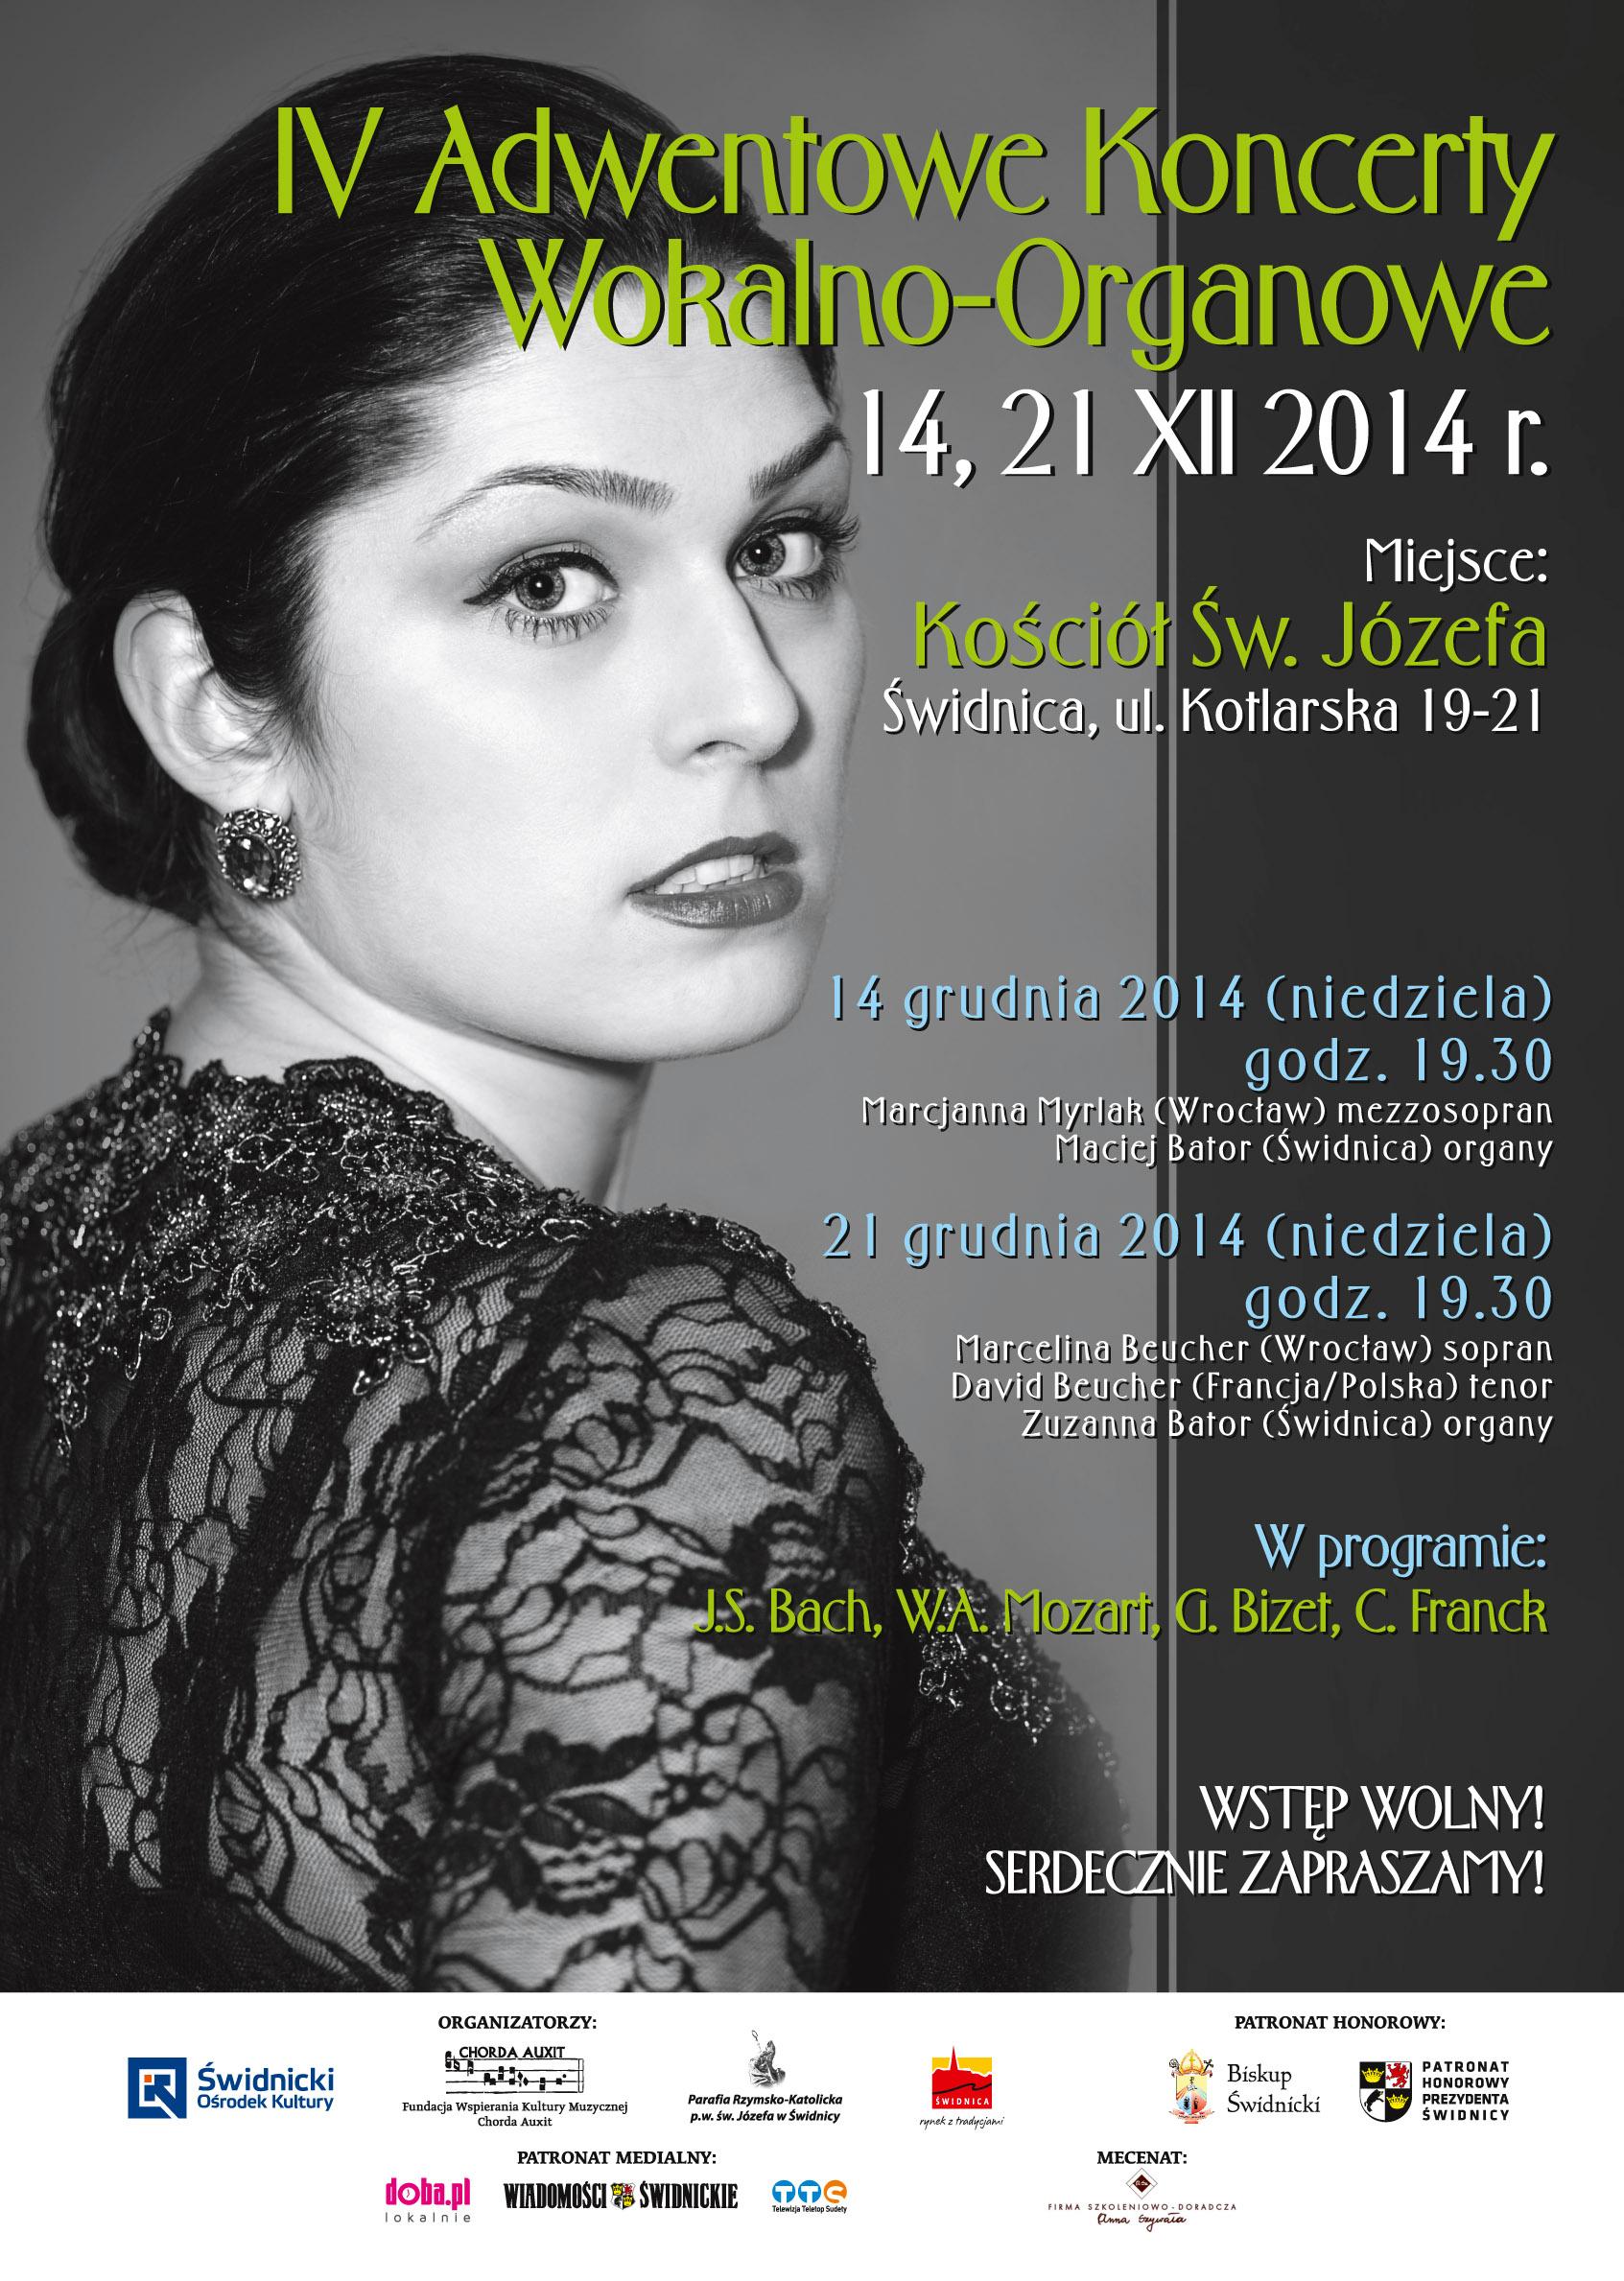 IV Adwentowe Koncerty Wokalno - Organowe